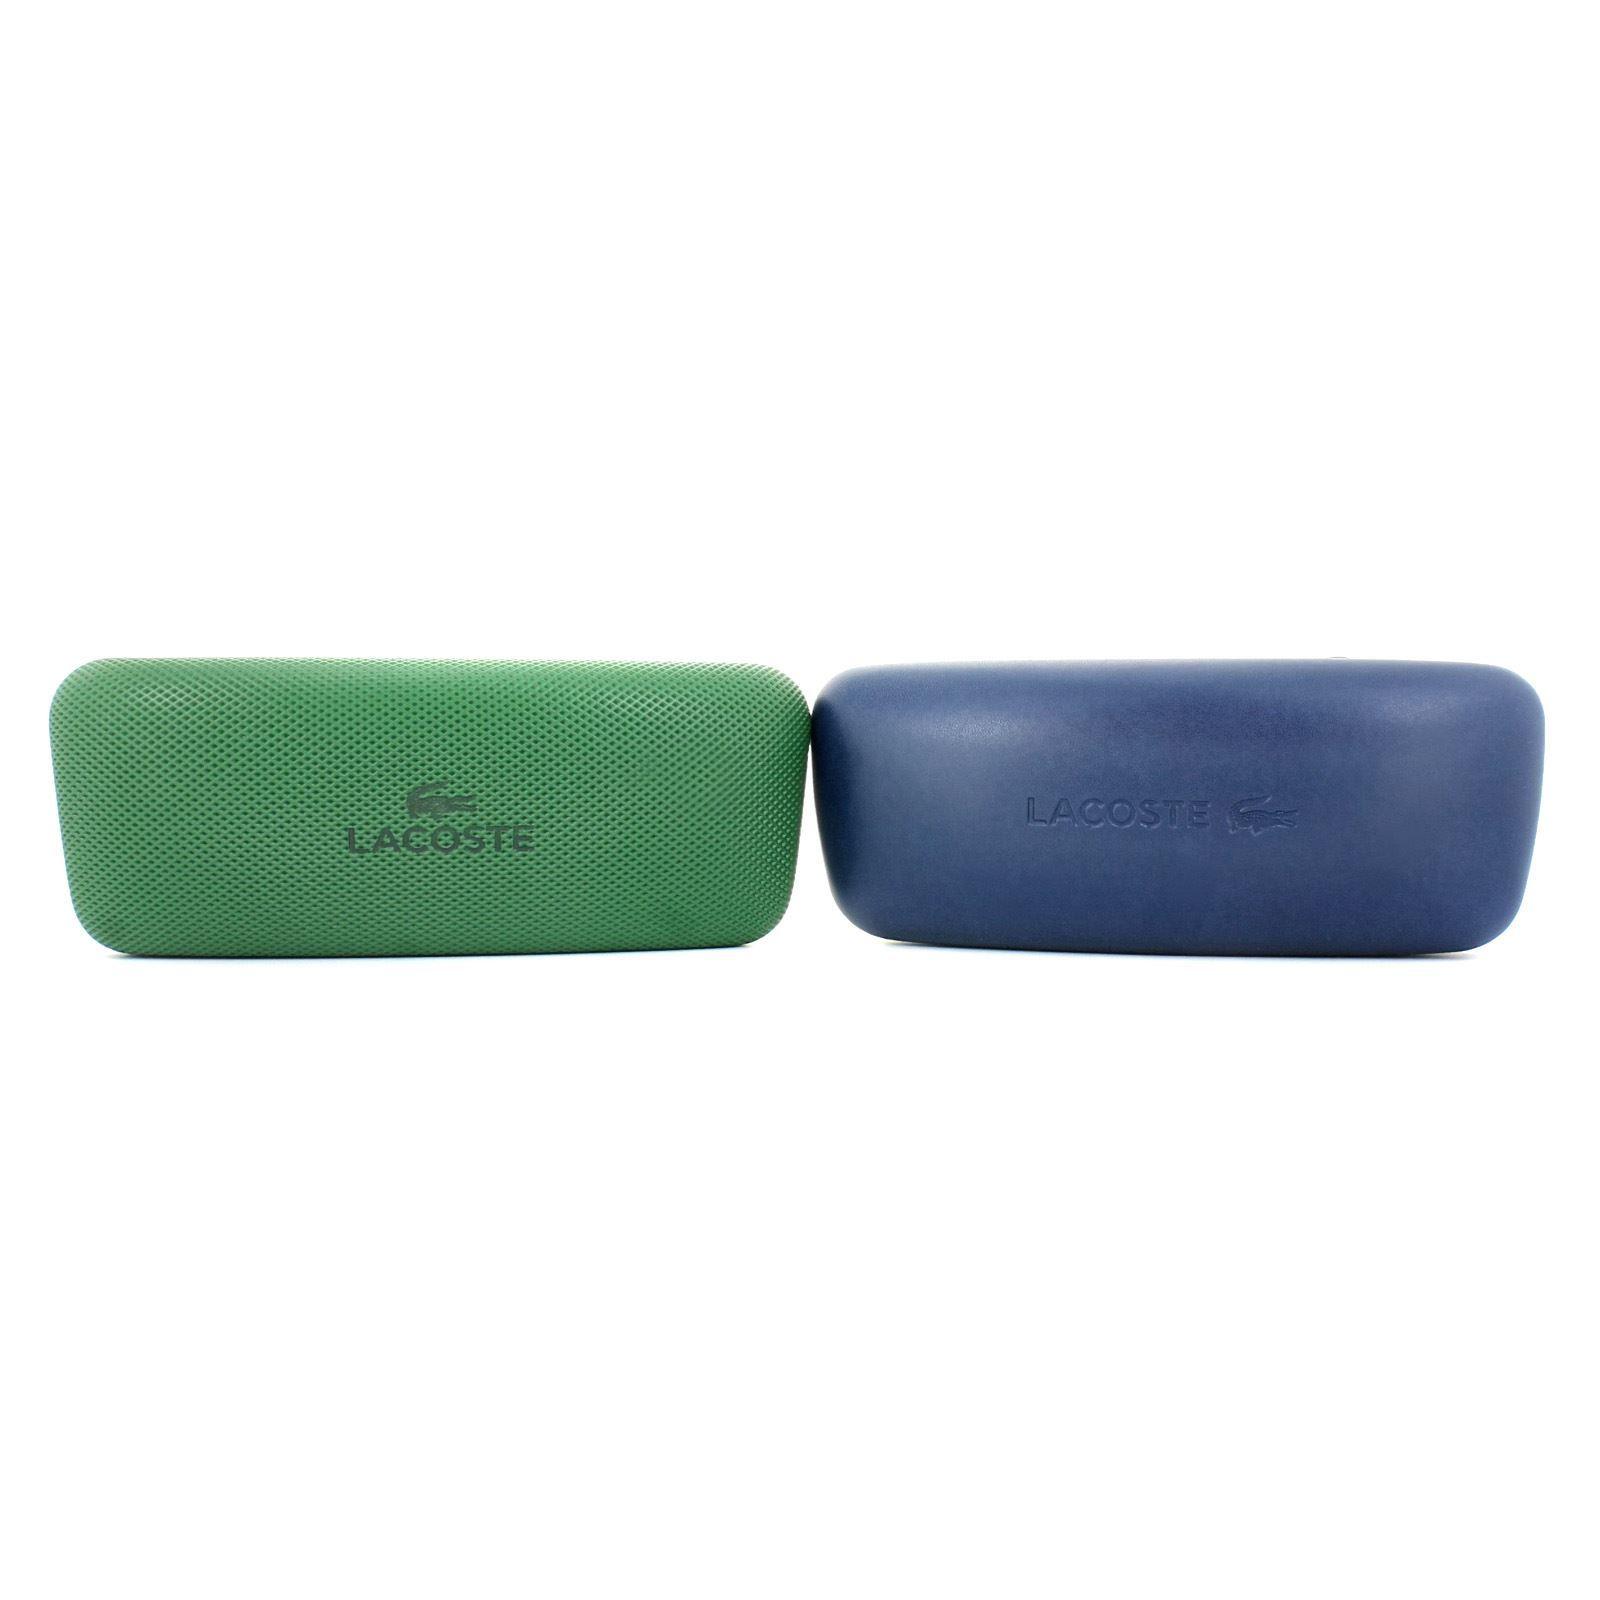 Lacoste Sunglasses L778S 002 Matte Black Blue Gradient Folding